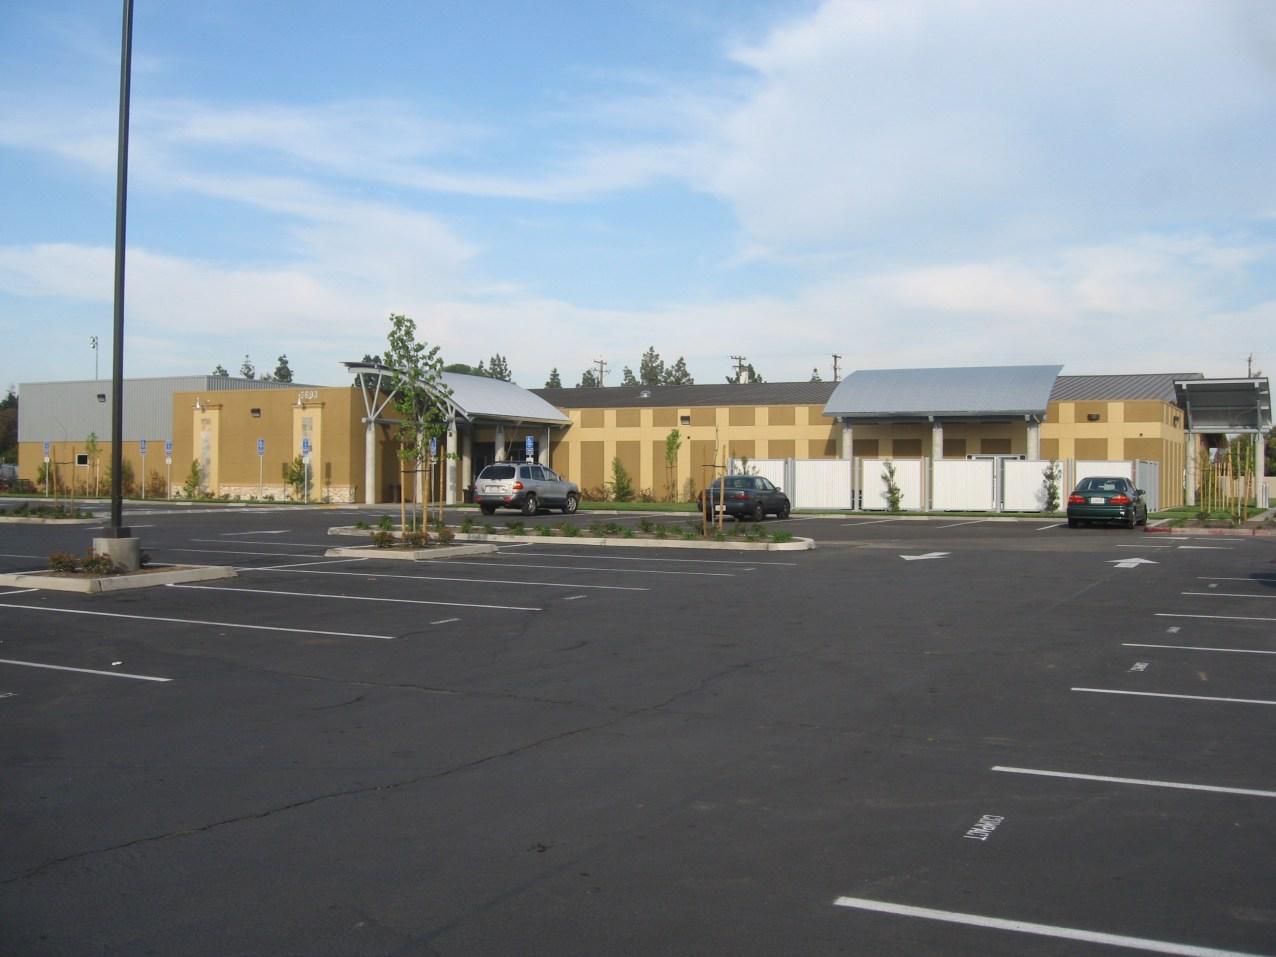 Site Main Entrance View